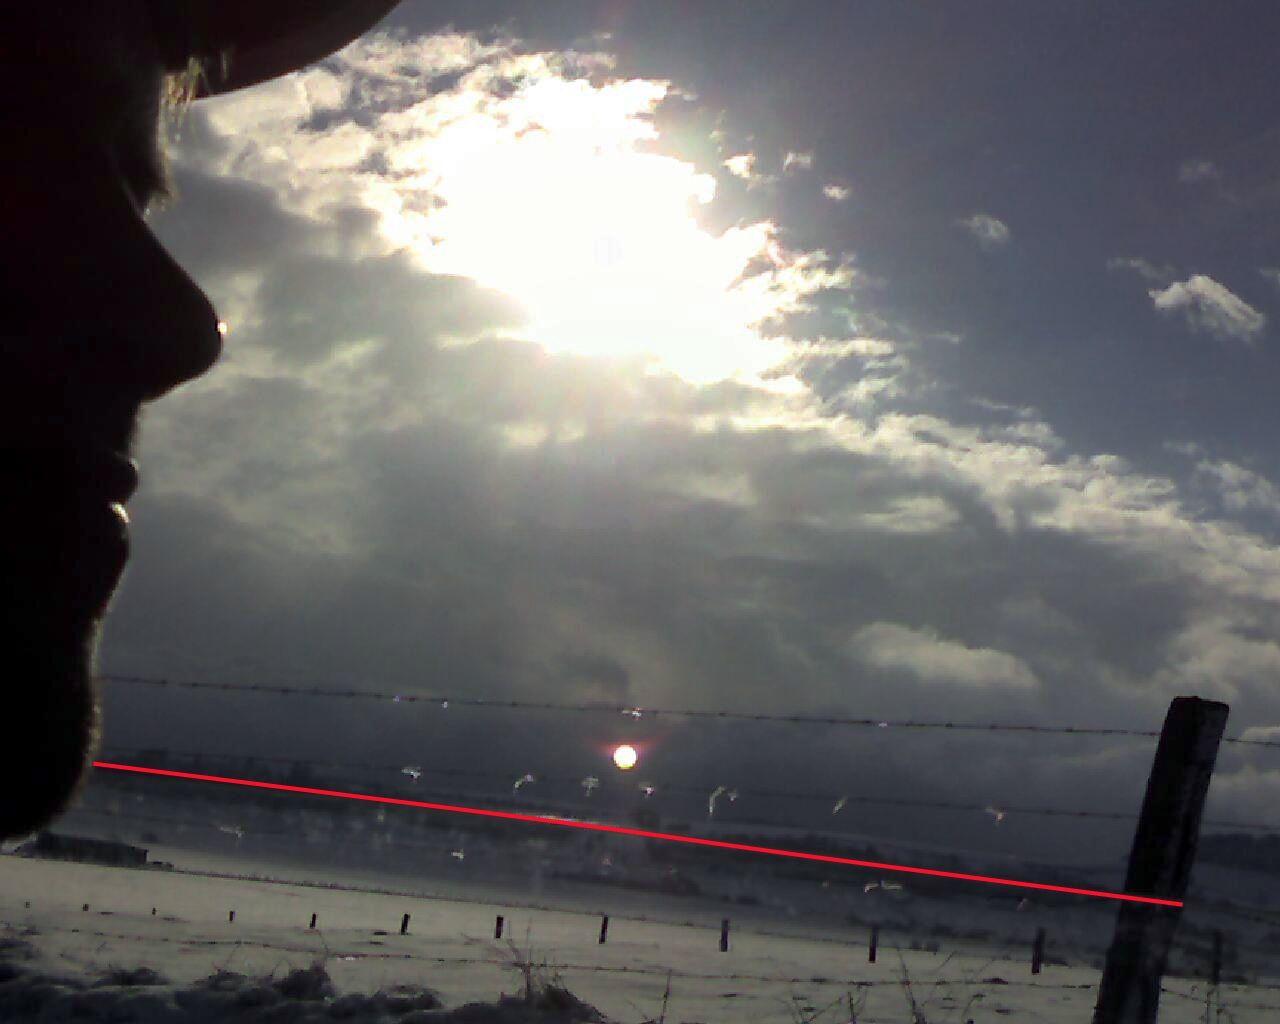 2010: le 17/12 à 13h - observation d'une boule de feu - Meuse  - Page 2 Num313h0417dec10reflet